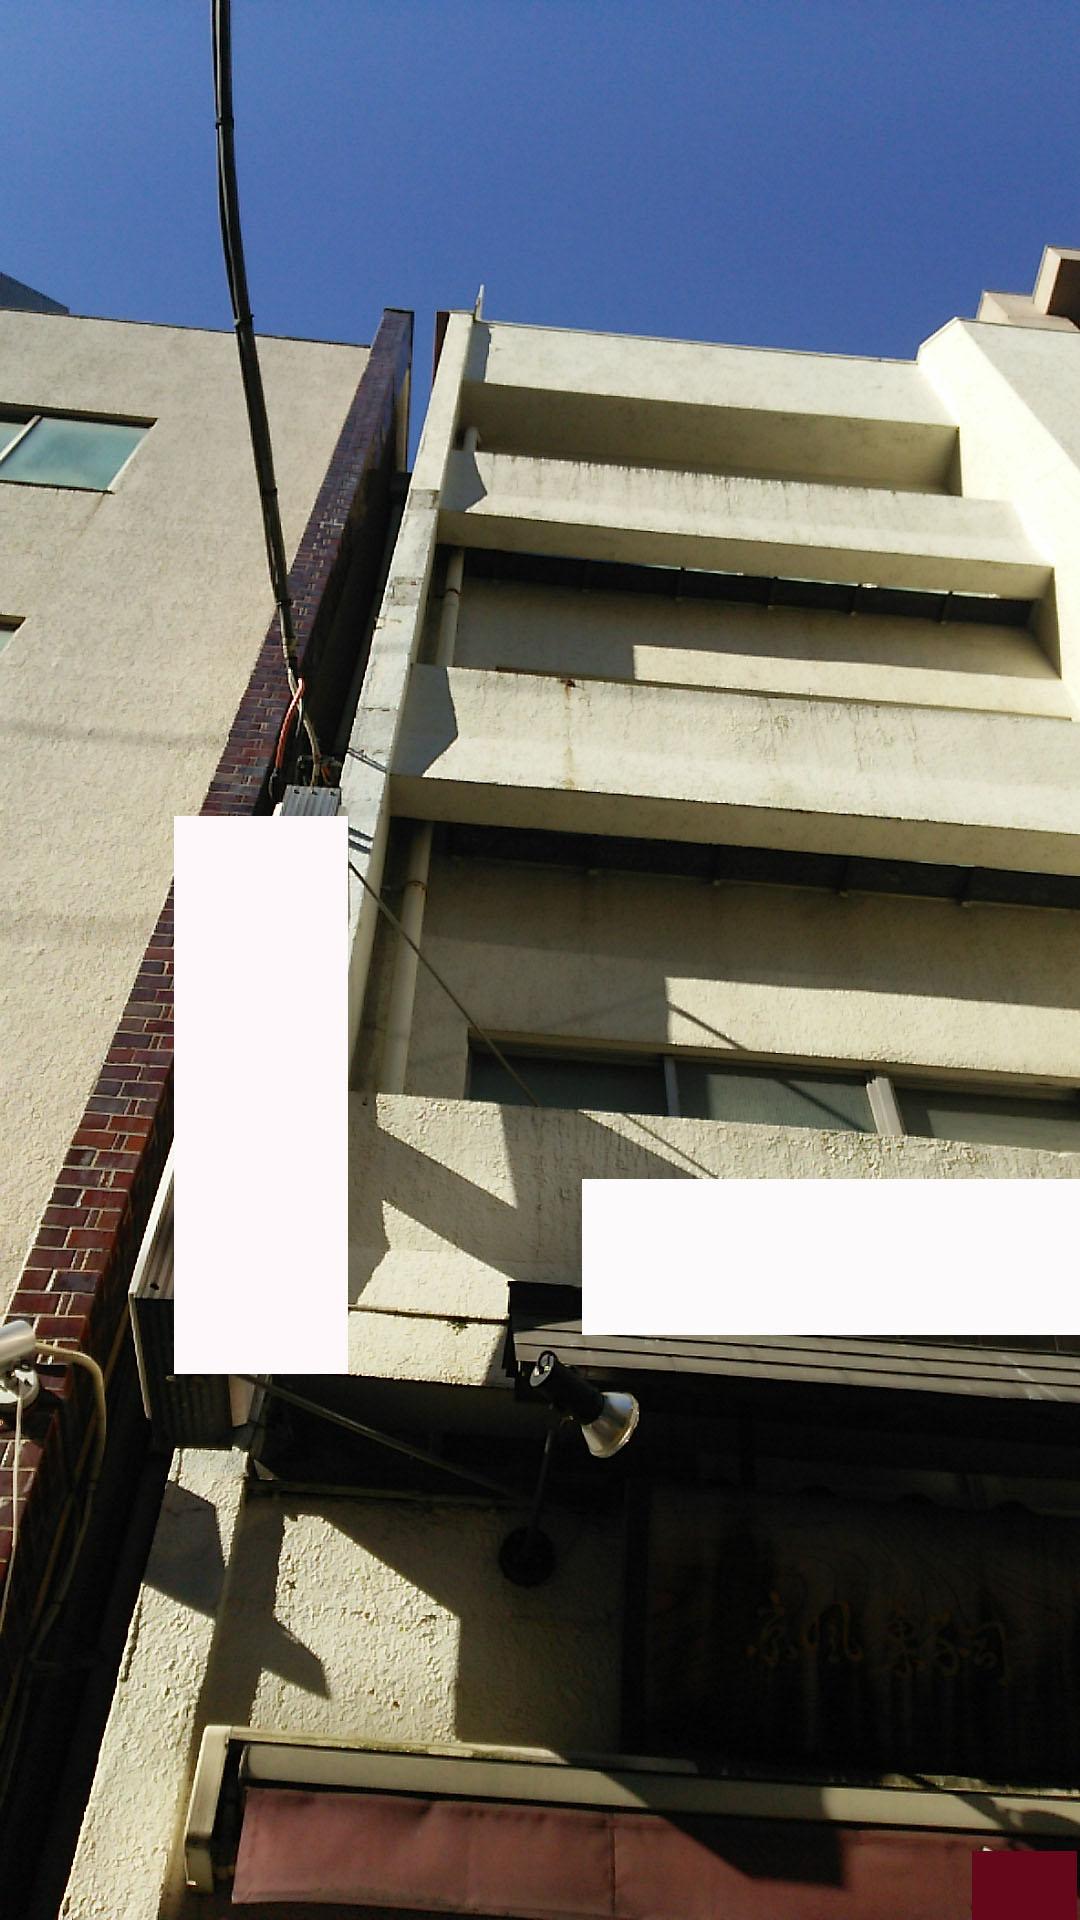 ビルの区分登記された階のみの買取